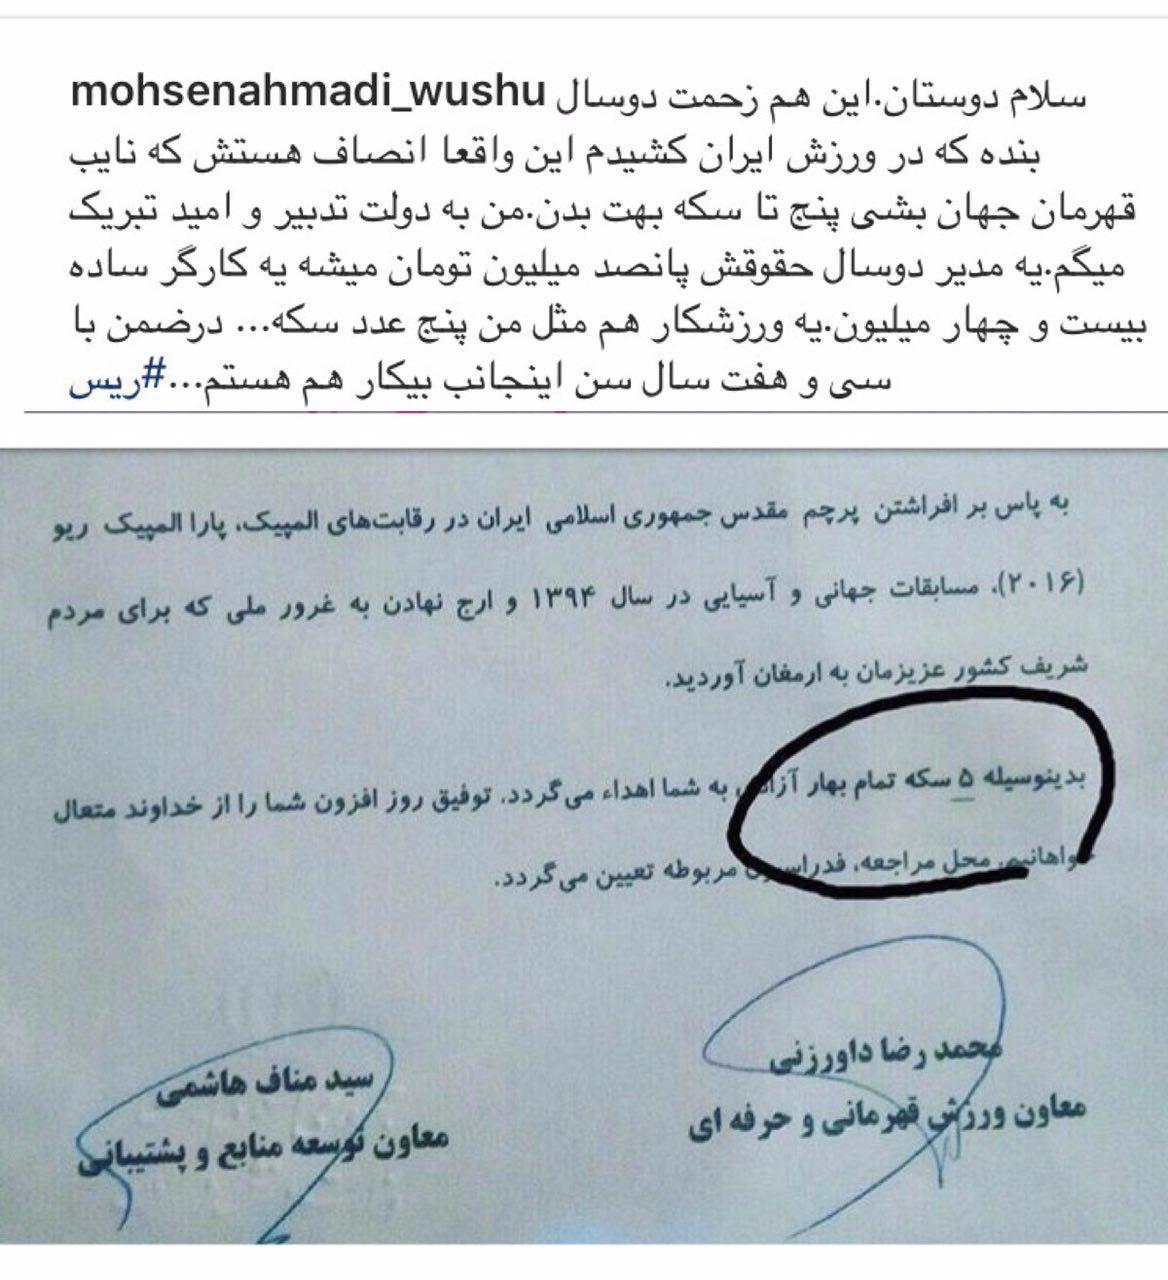 پنج سکه را آقای روحانی خرج انتخابات کند بهتر است/